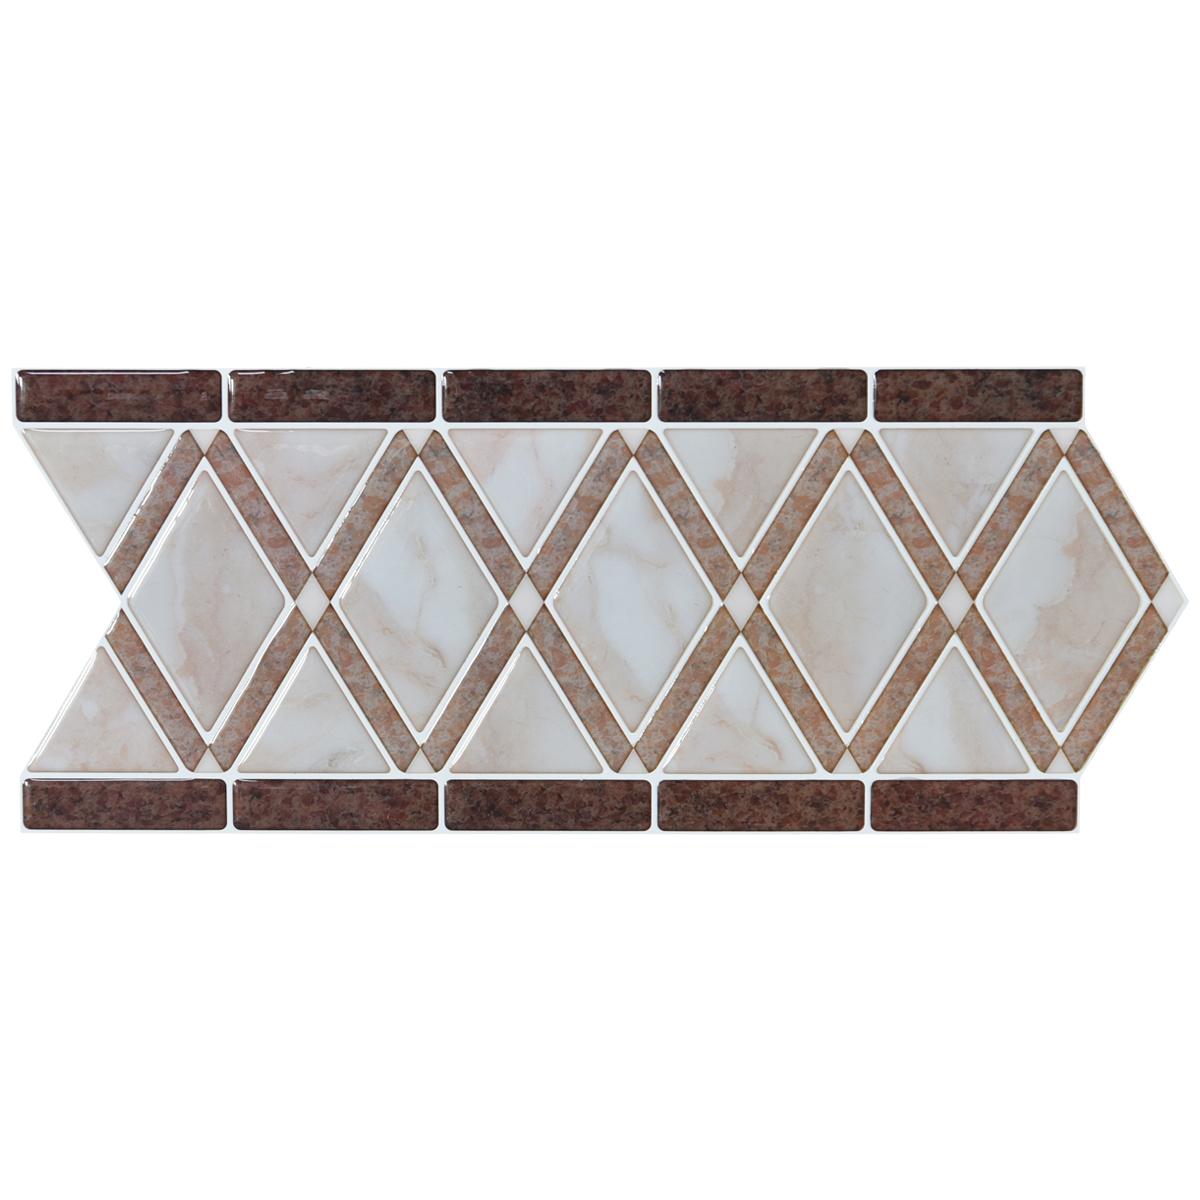 A17102 - Peel and Stick Backsplash Tile Borders, Removable Backsplash for Kitchen, Bathroom, Set of 10, 12.4